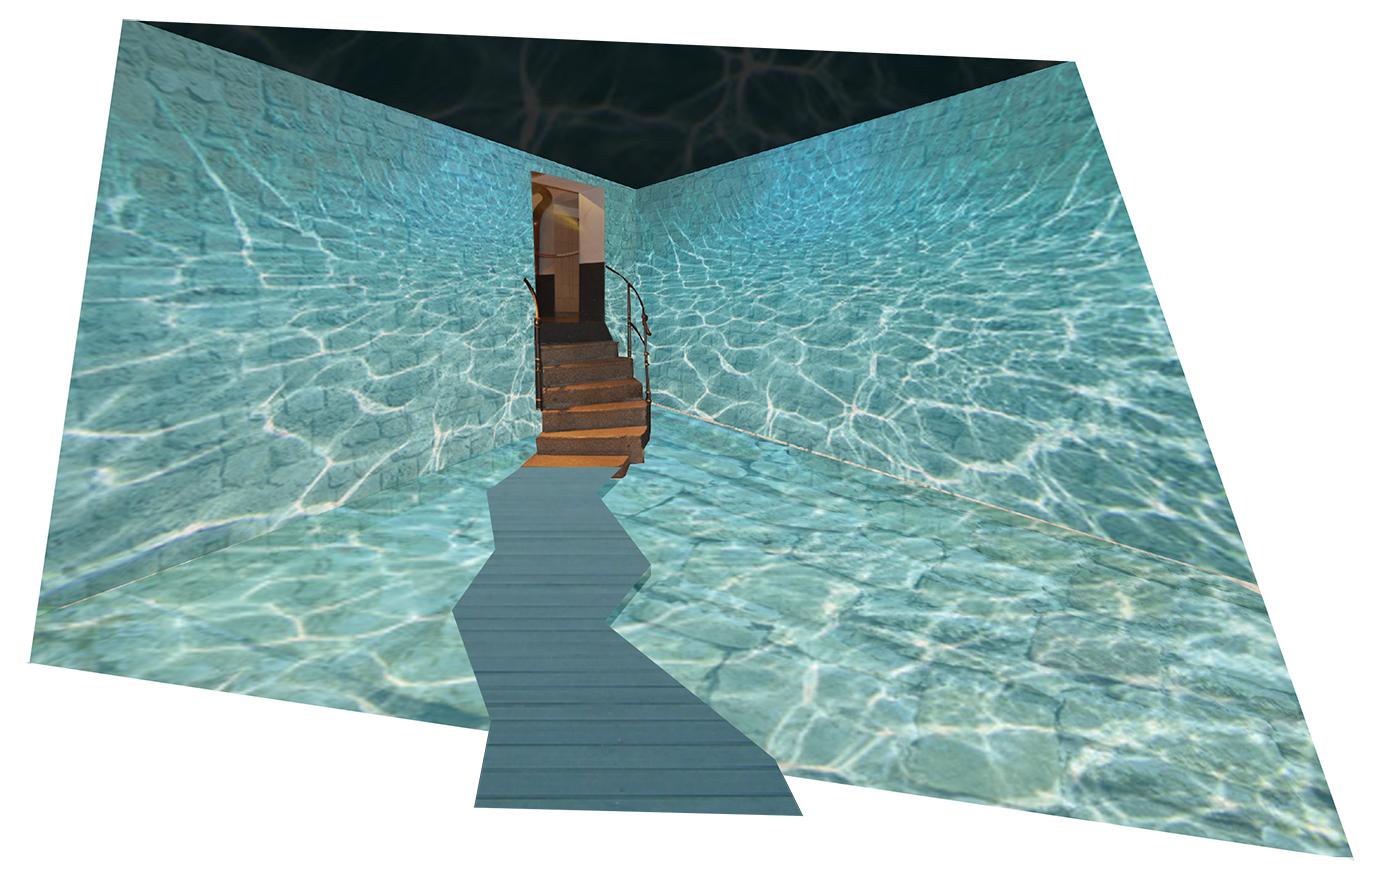 Erlebnisraum Wasser